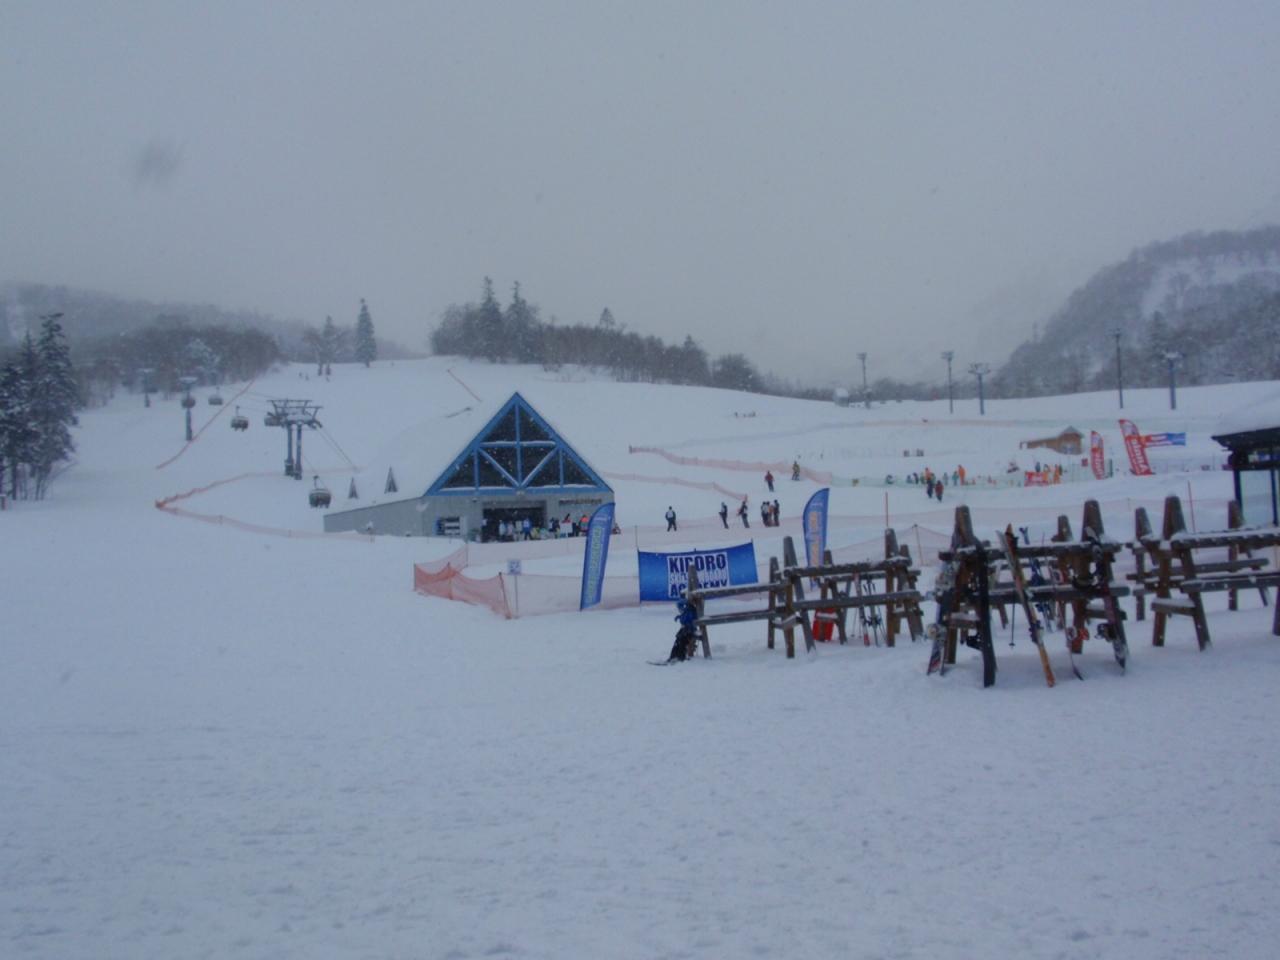 2010年に札幌雪祭りを初めて見に行きました。\u003cbr